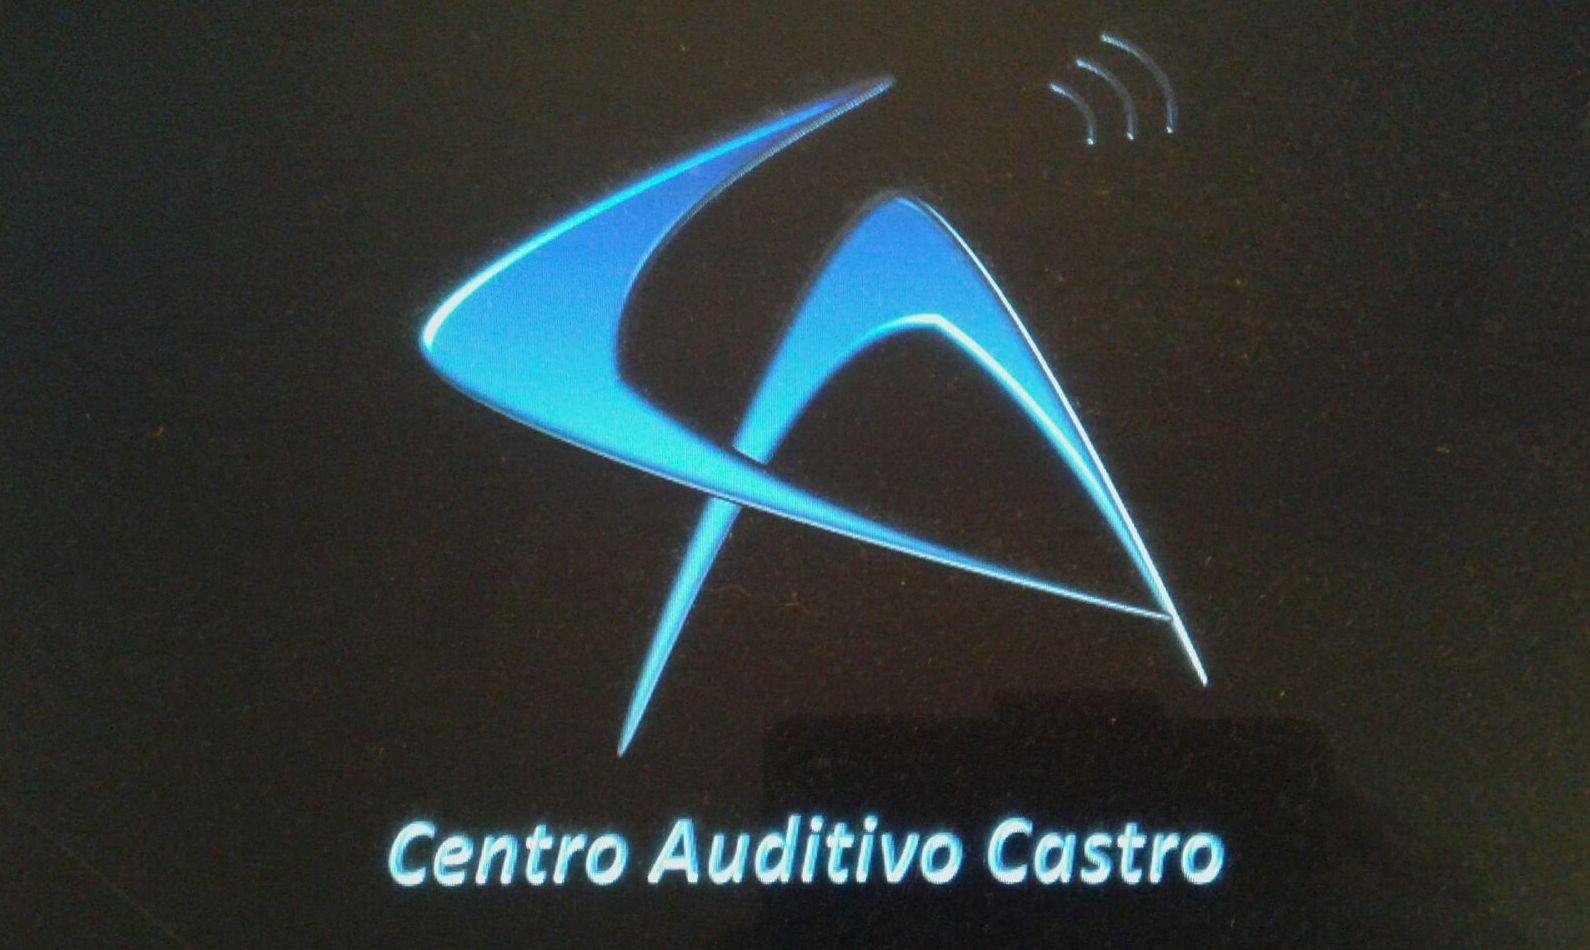 Estudio del Tinnitus: Productos y servicios de Centro Auditivo Castro